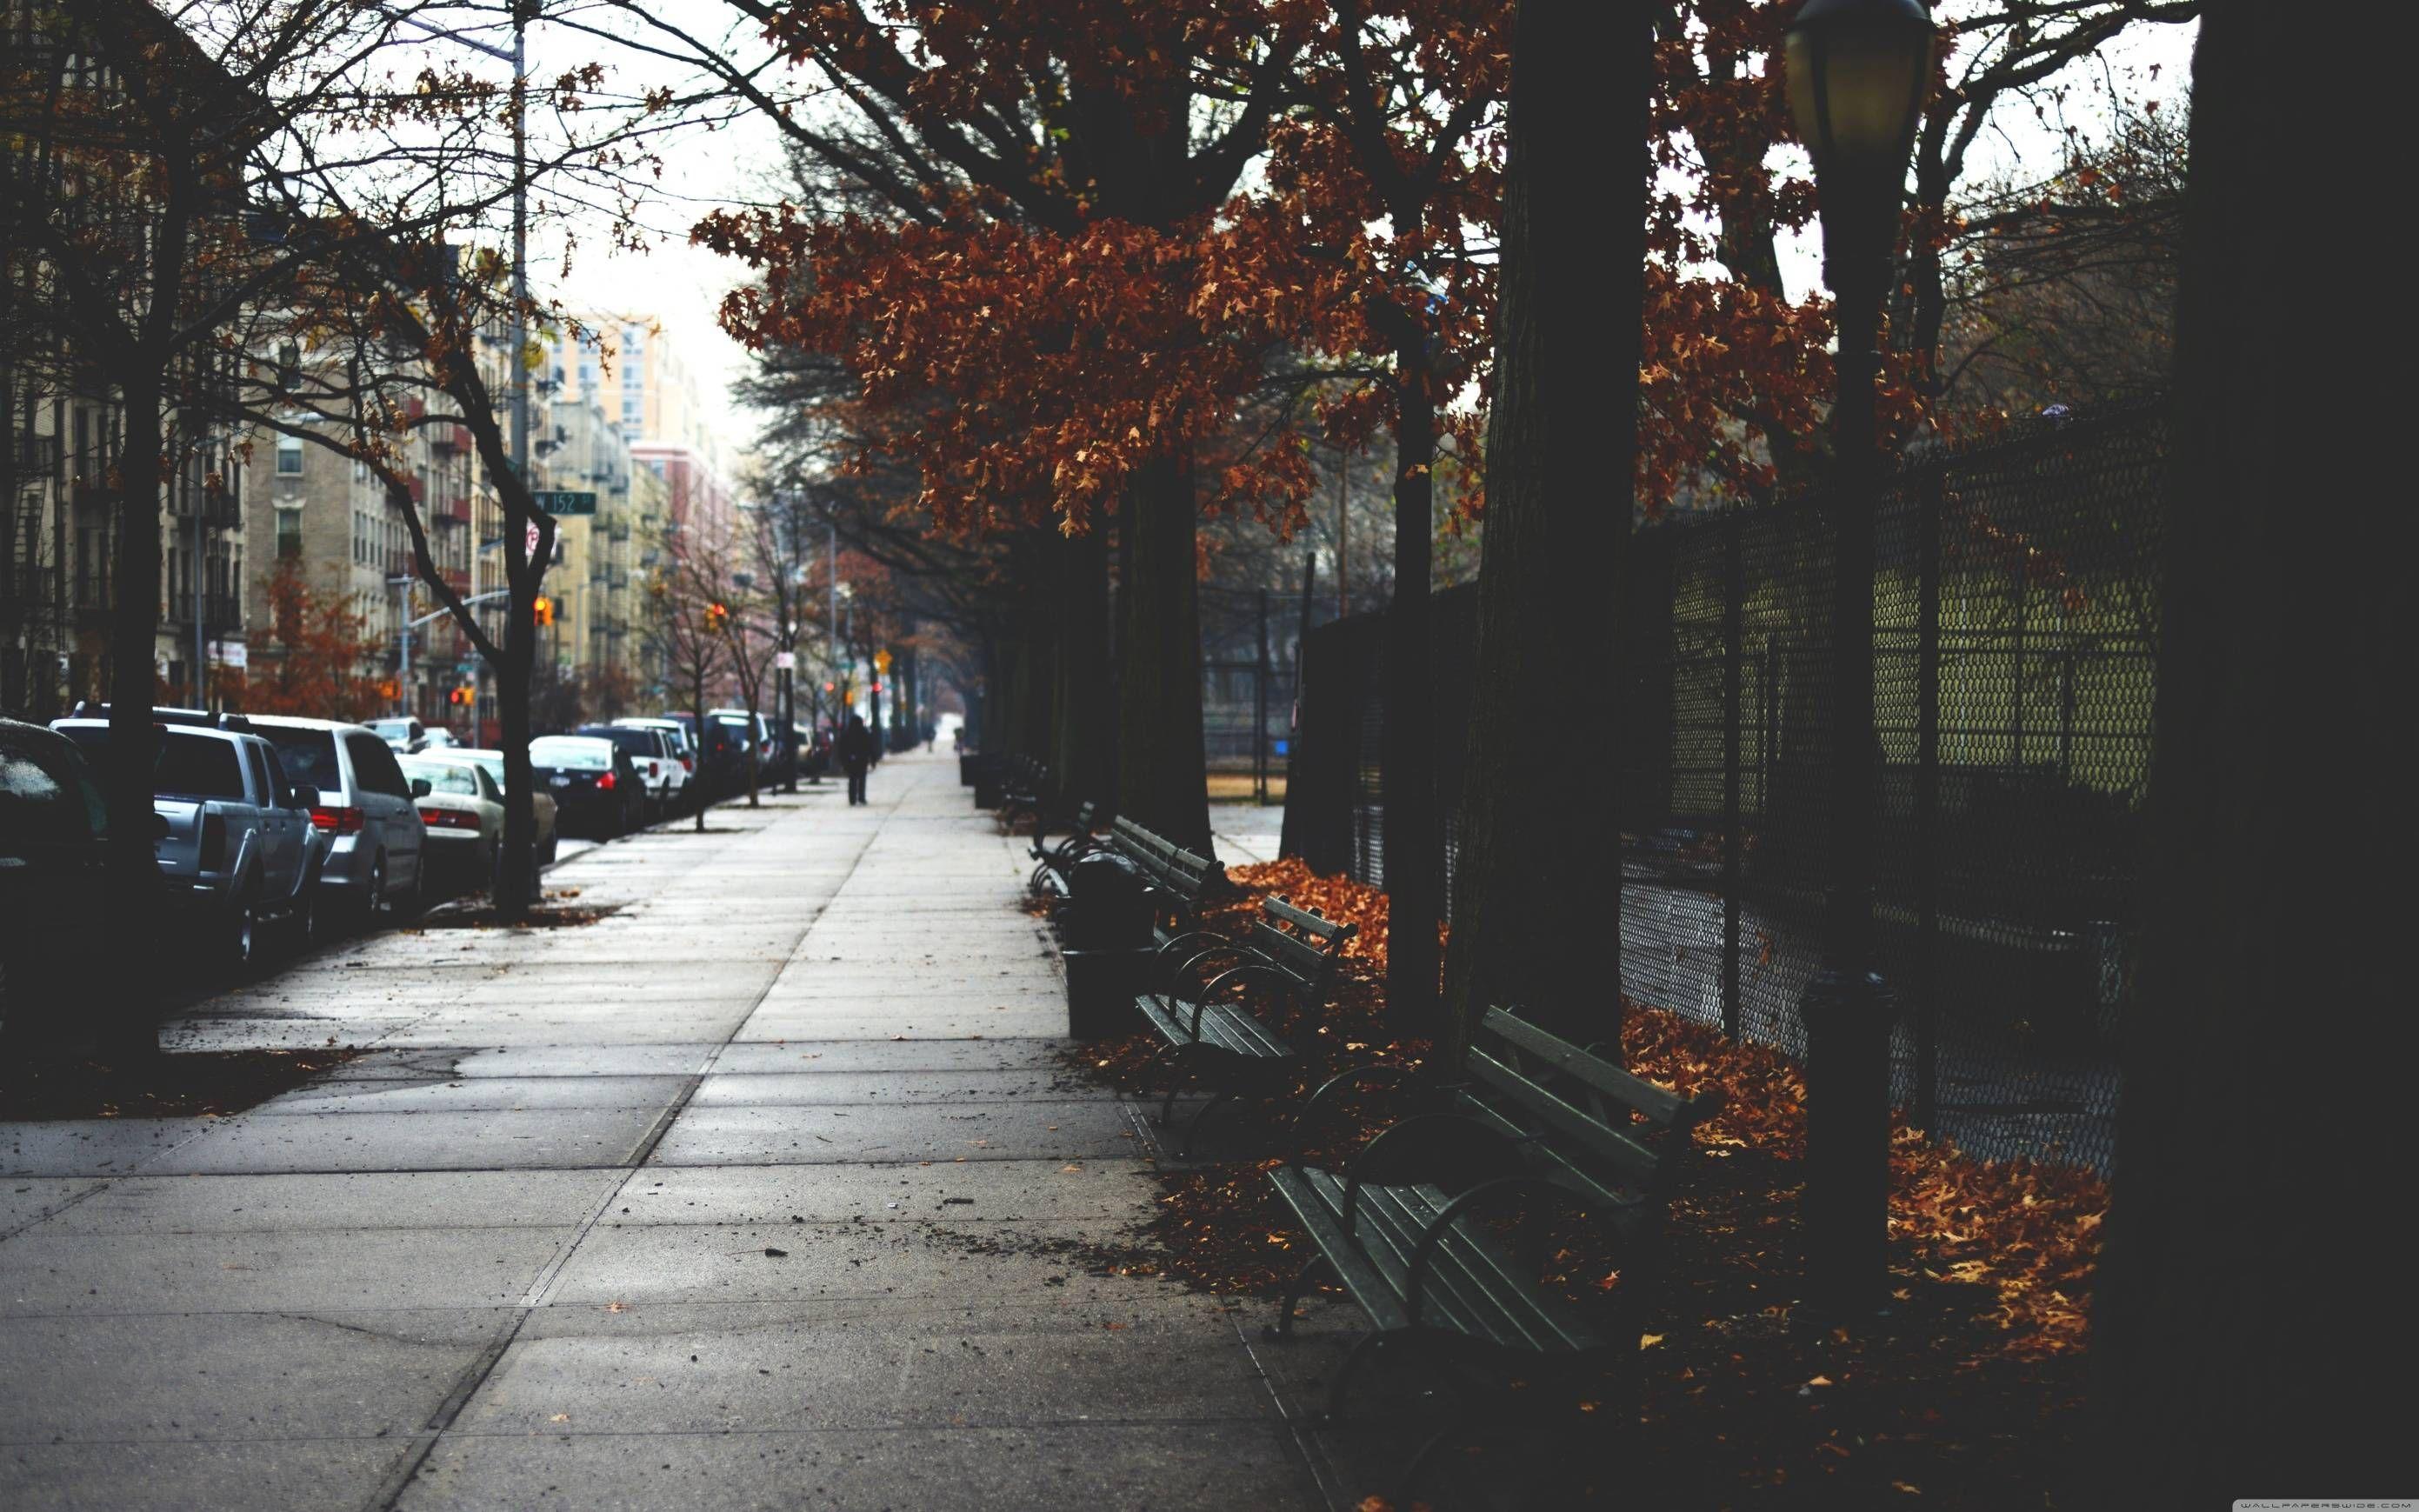 Autumn Wallpapers [1920 x 1080] | Autumn Photo | Обои для ...